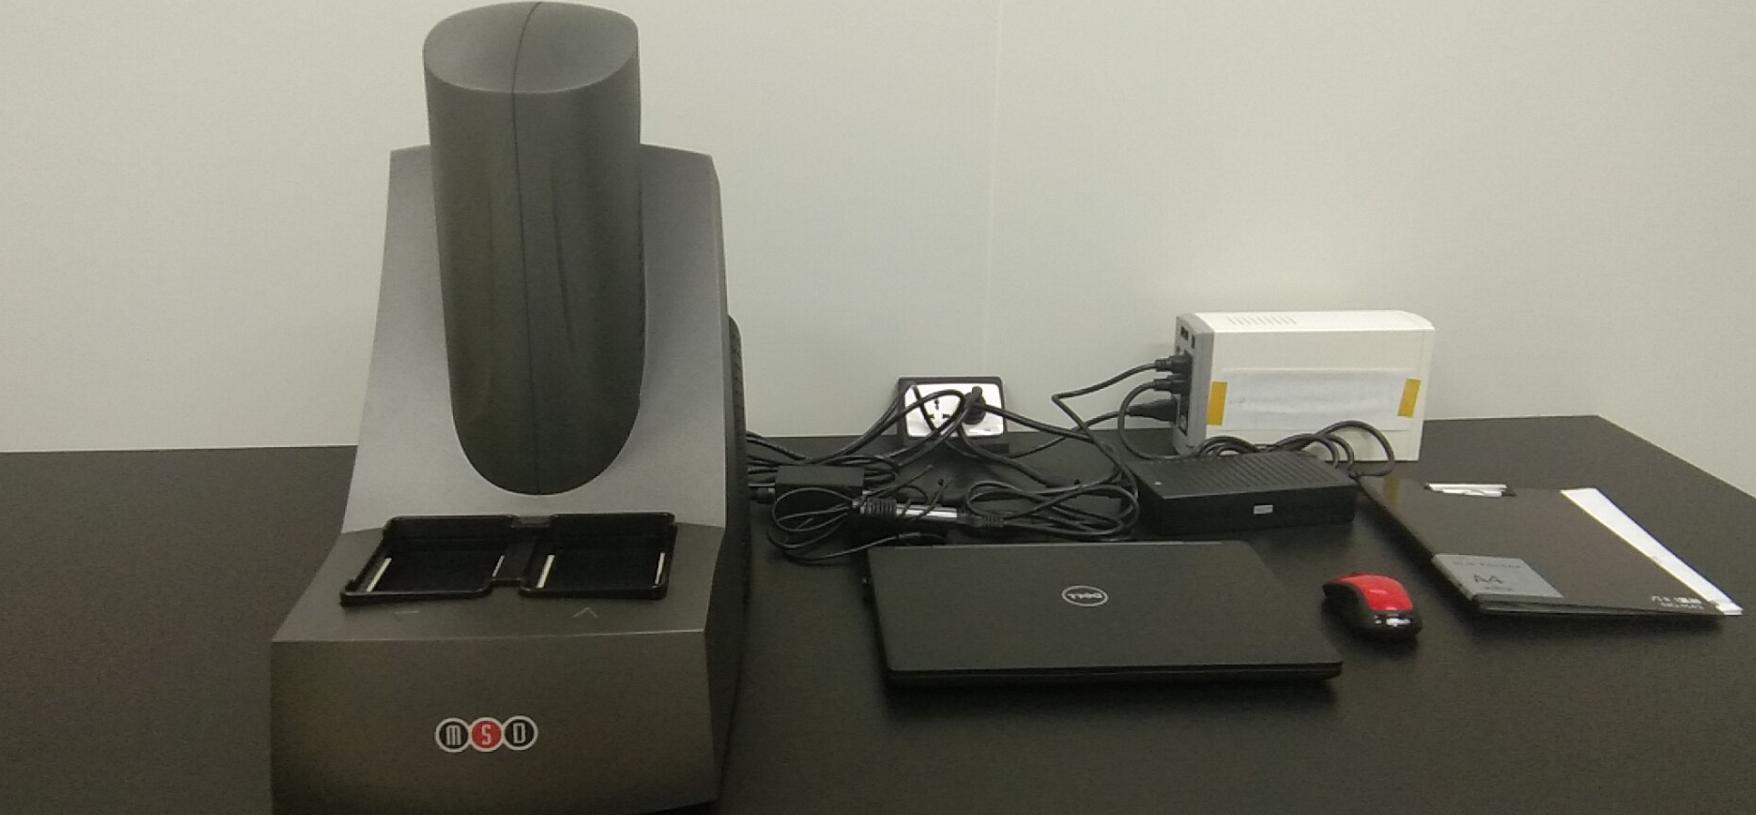 超敏多因子电化学发光仪(MSD)